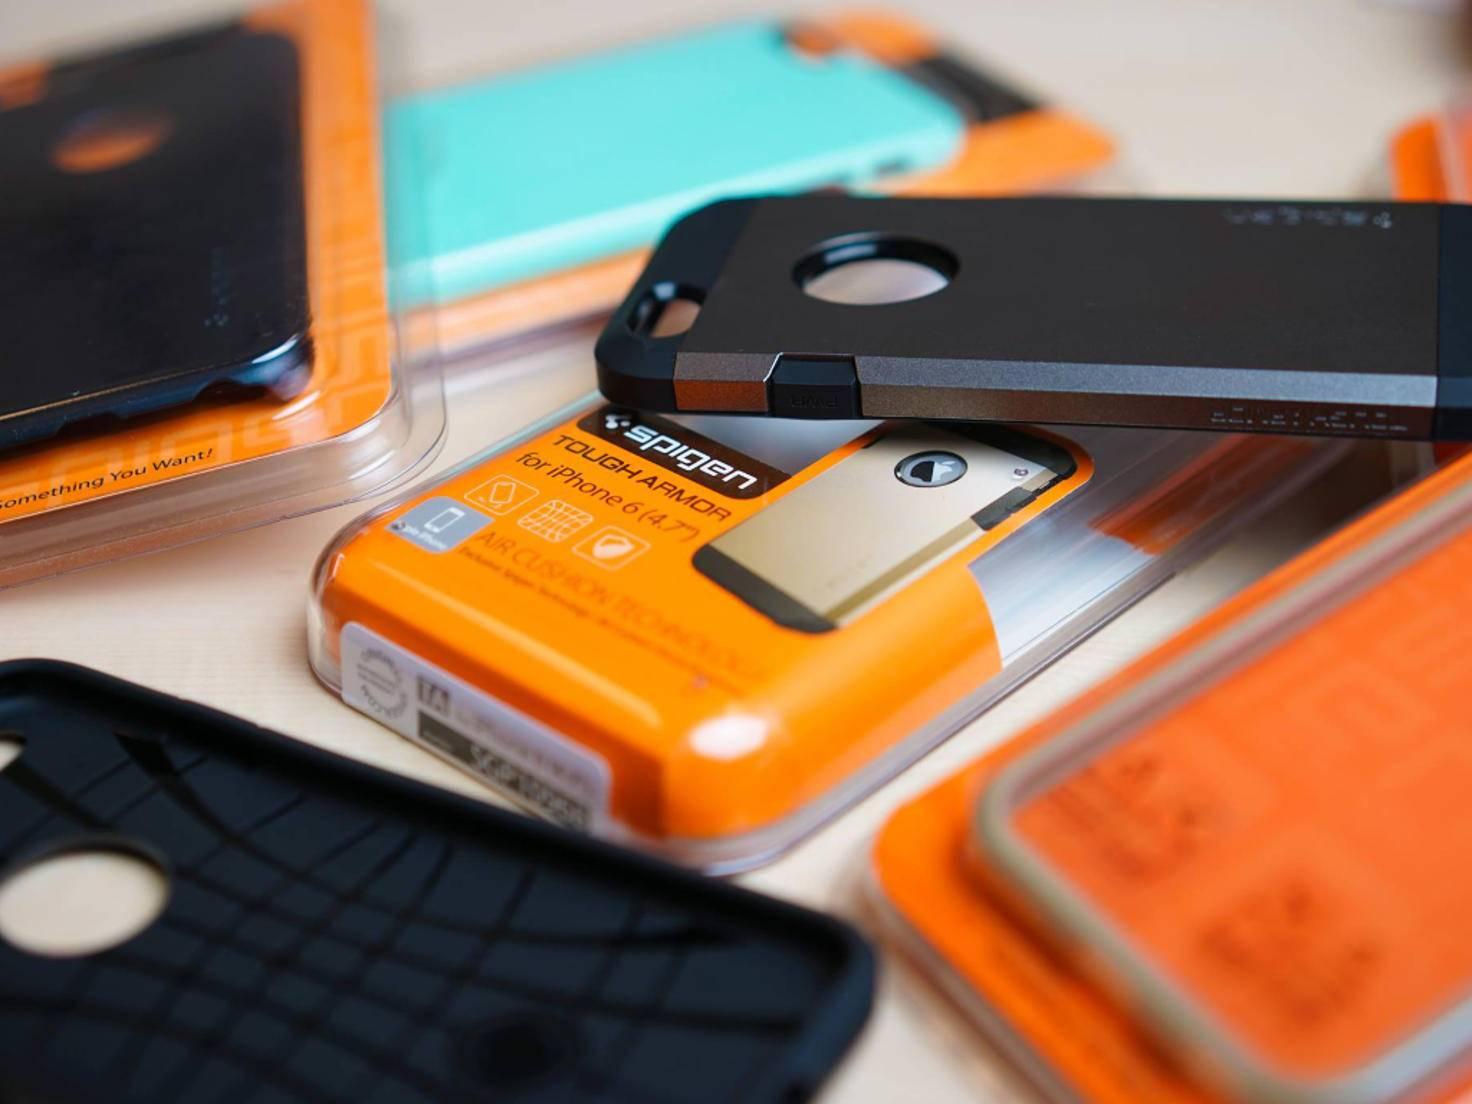 Das Spigen Tough Armor-Case für das iPhone 6 ist robust und günstig zugleich.